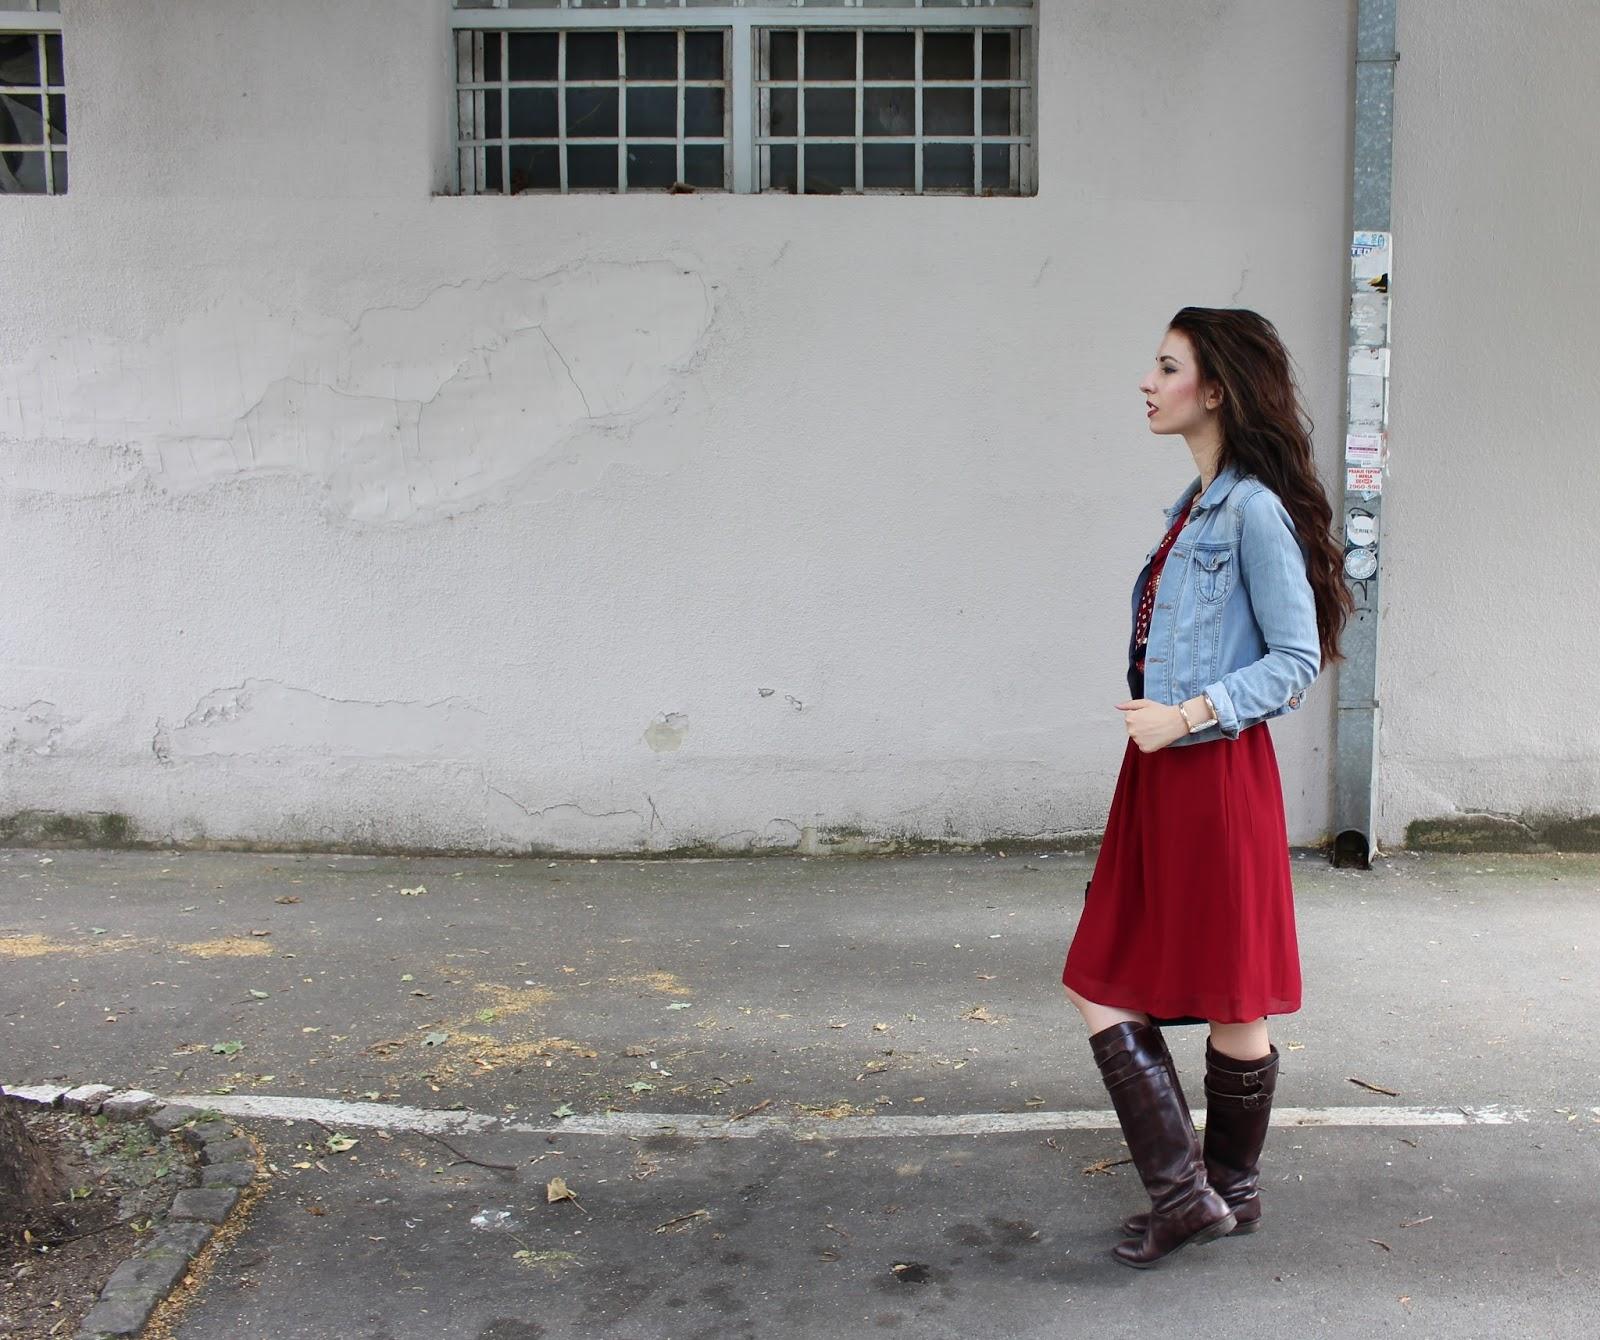 女性のブーツにとてつもないフェチを感じる方P53 [無断転載禁止]©bbspink.comYouTube動画>16本 dailymotion>1本 ->画像>5326枚